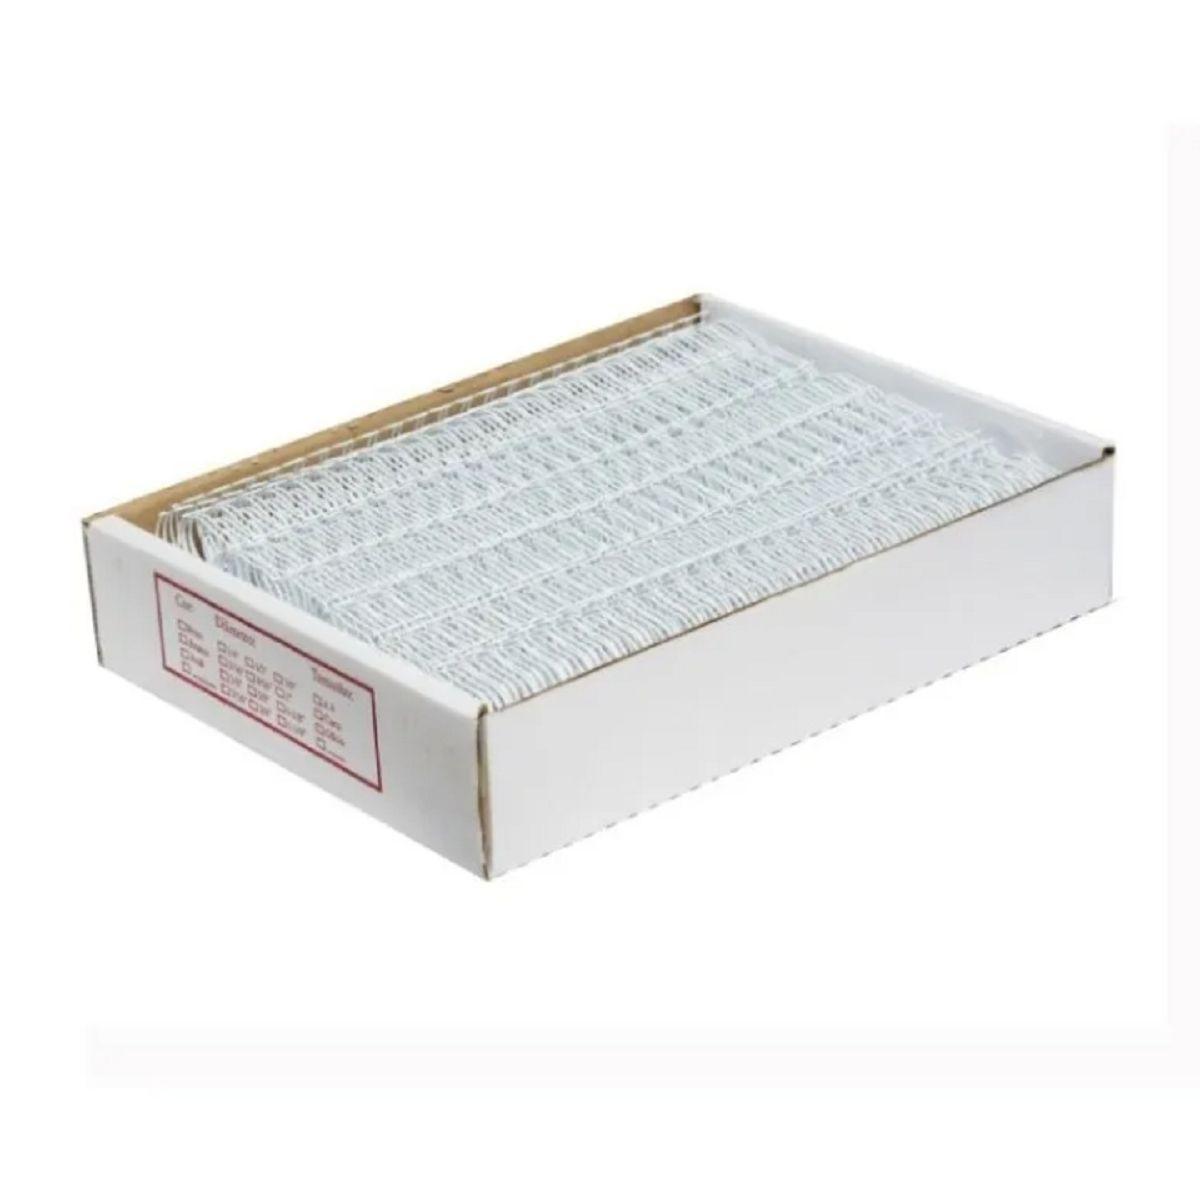 """Wire-o Para Encadernação A4 Branco 1 1/8"""" Até 250 Folhas (Passo 2x1) - Caixa com 25 unidades  - Click Suprimentos"""